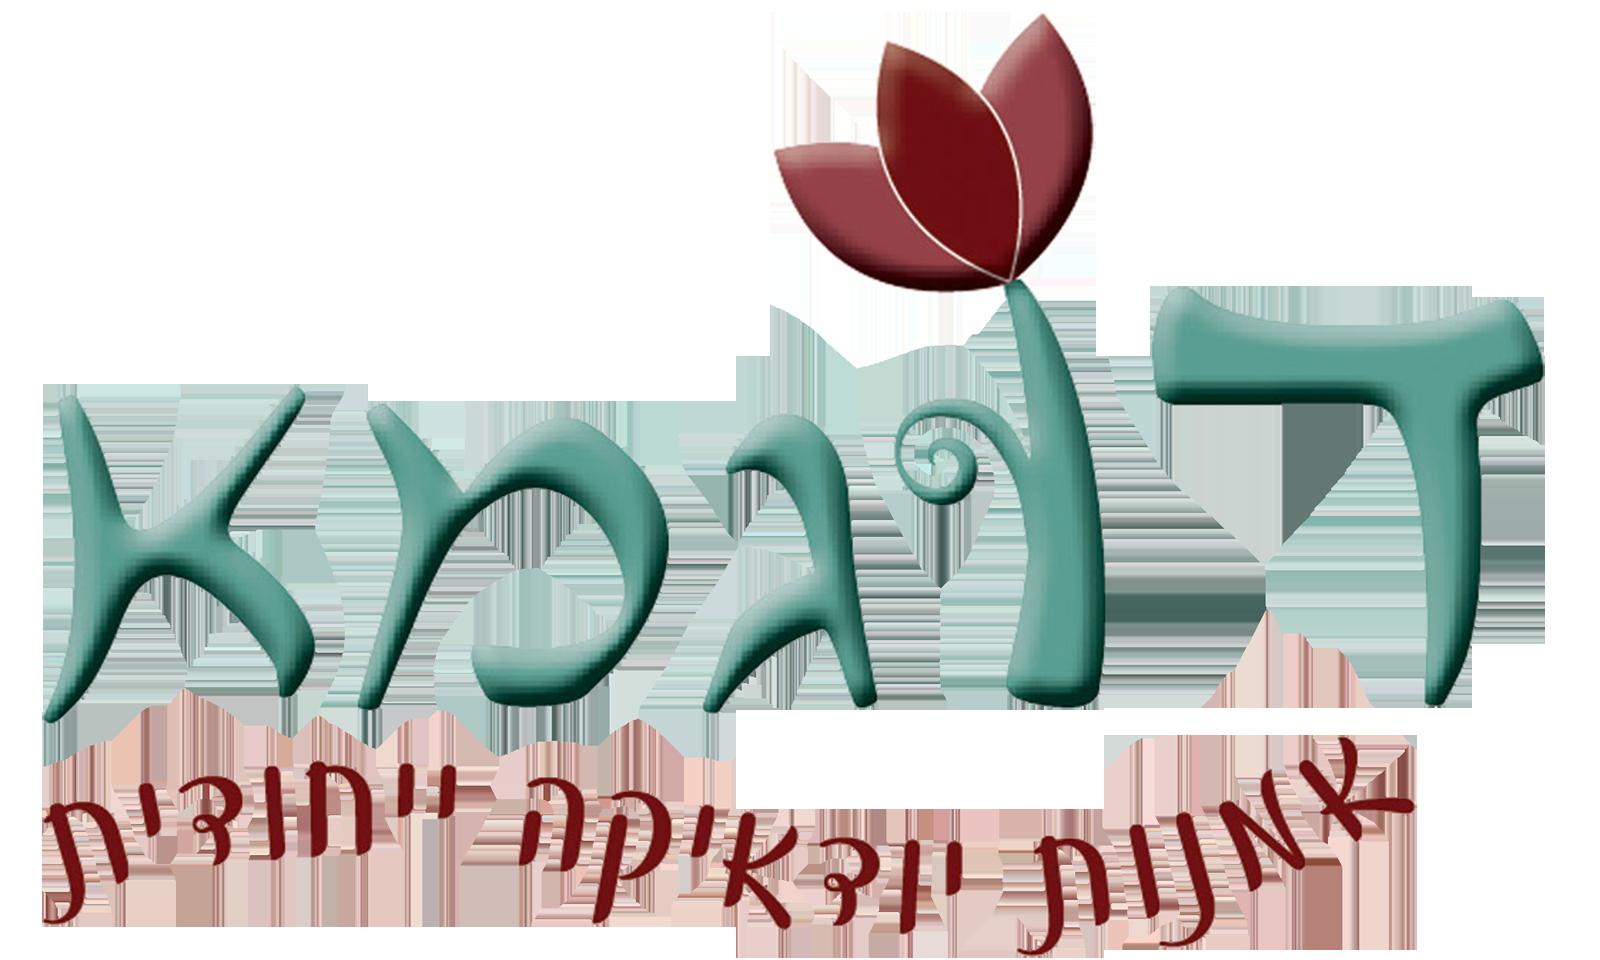 דוגמא - אמנות יודאיקה ייחודית